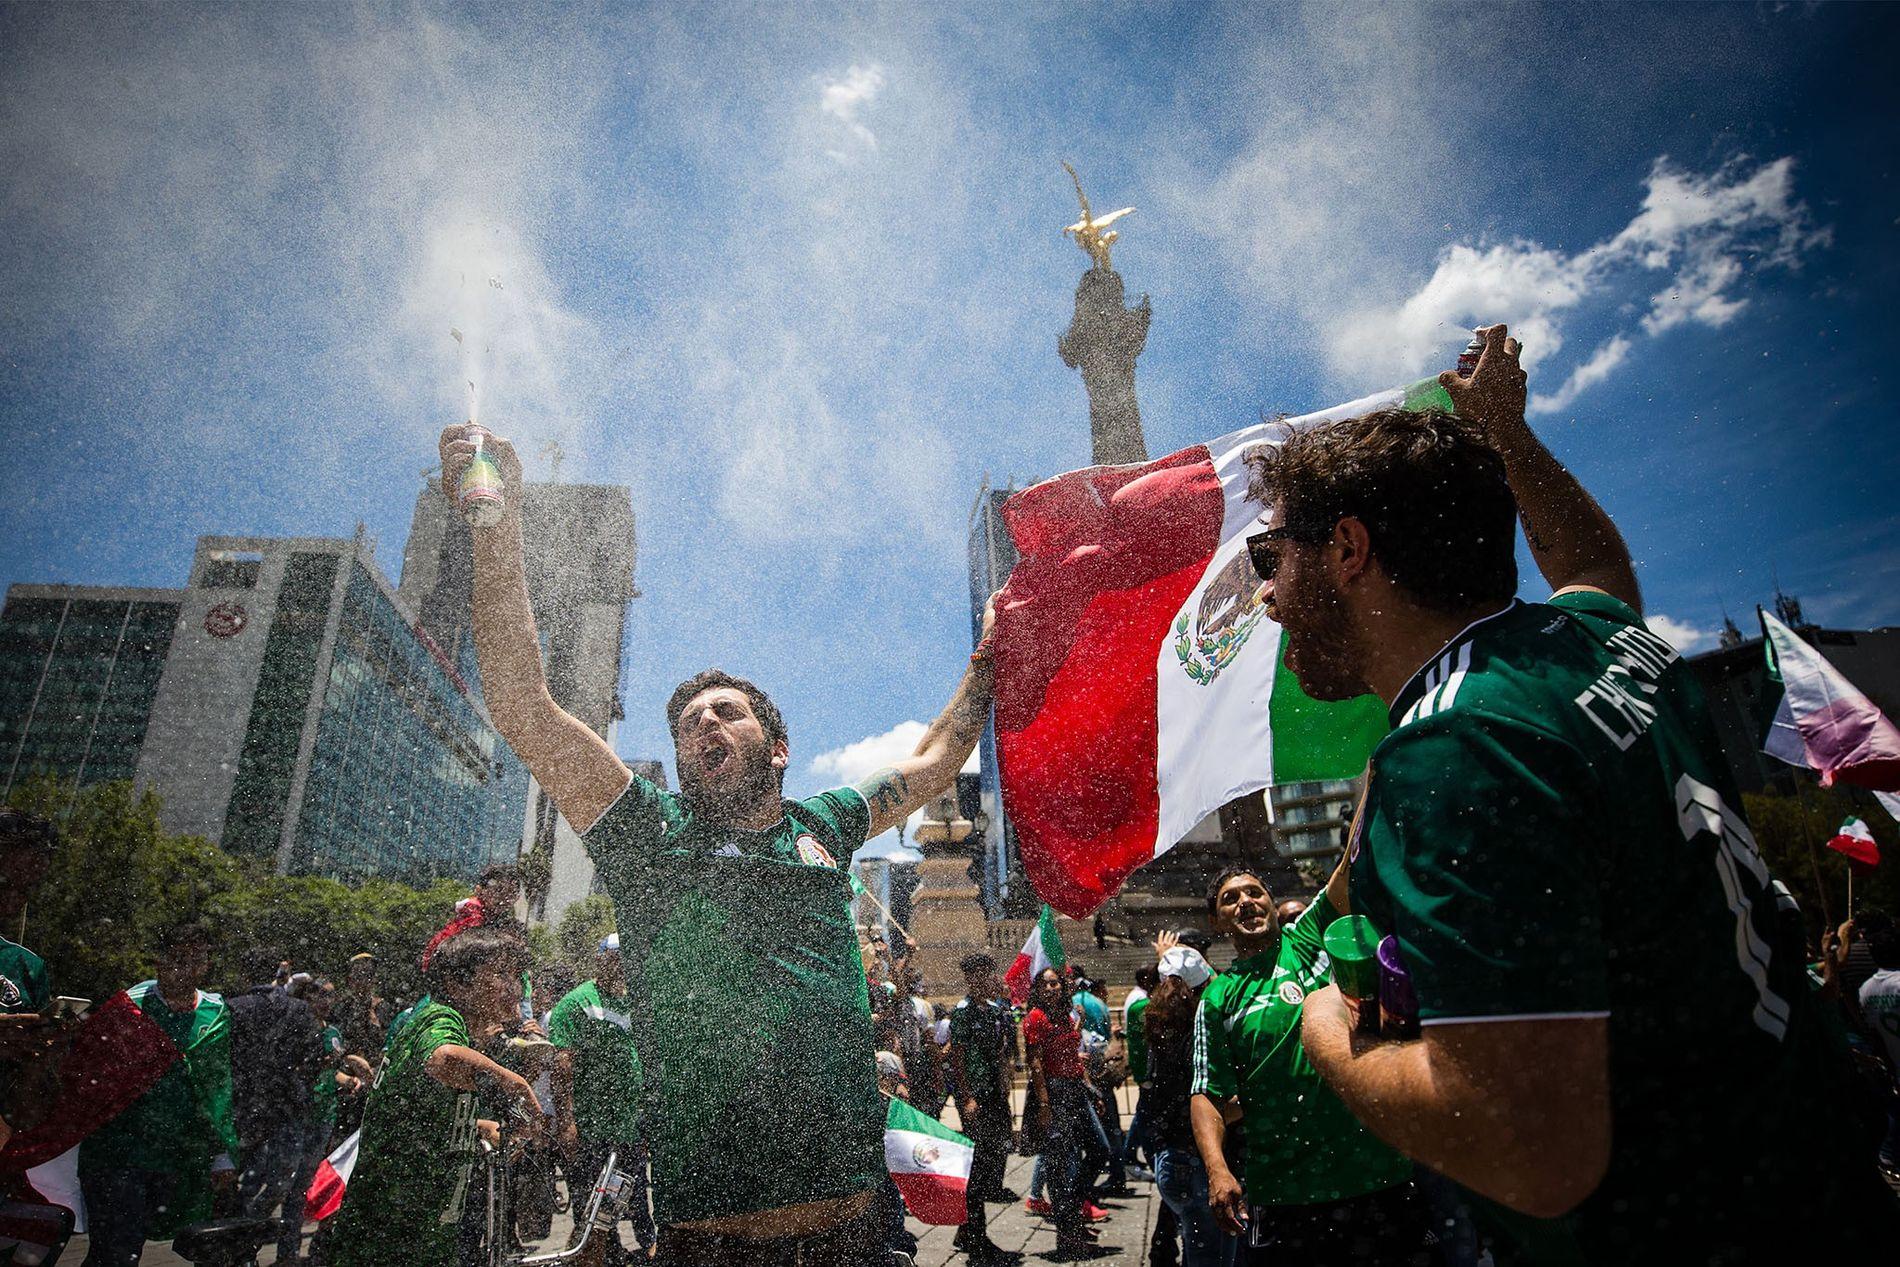 Fanáticos celebran una victoria en la Copa del Mundo en la ciudad de México el 17 de junio.